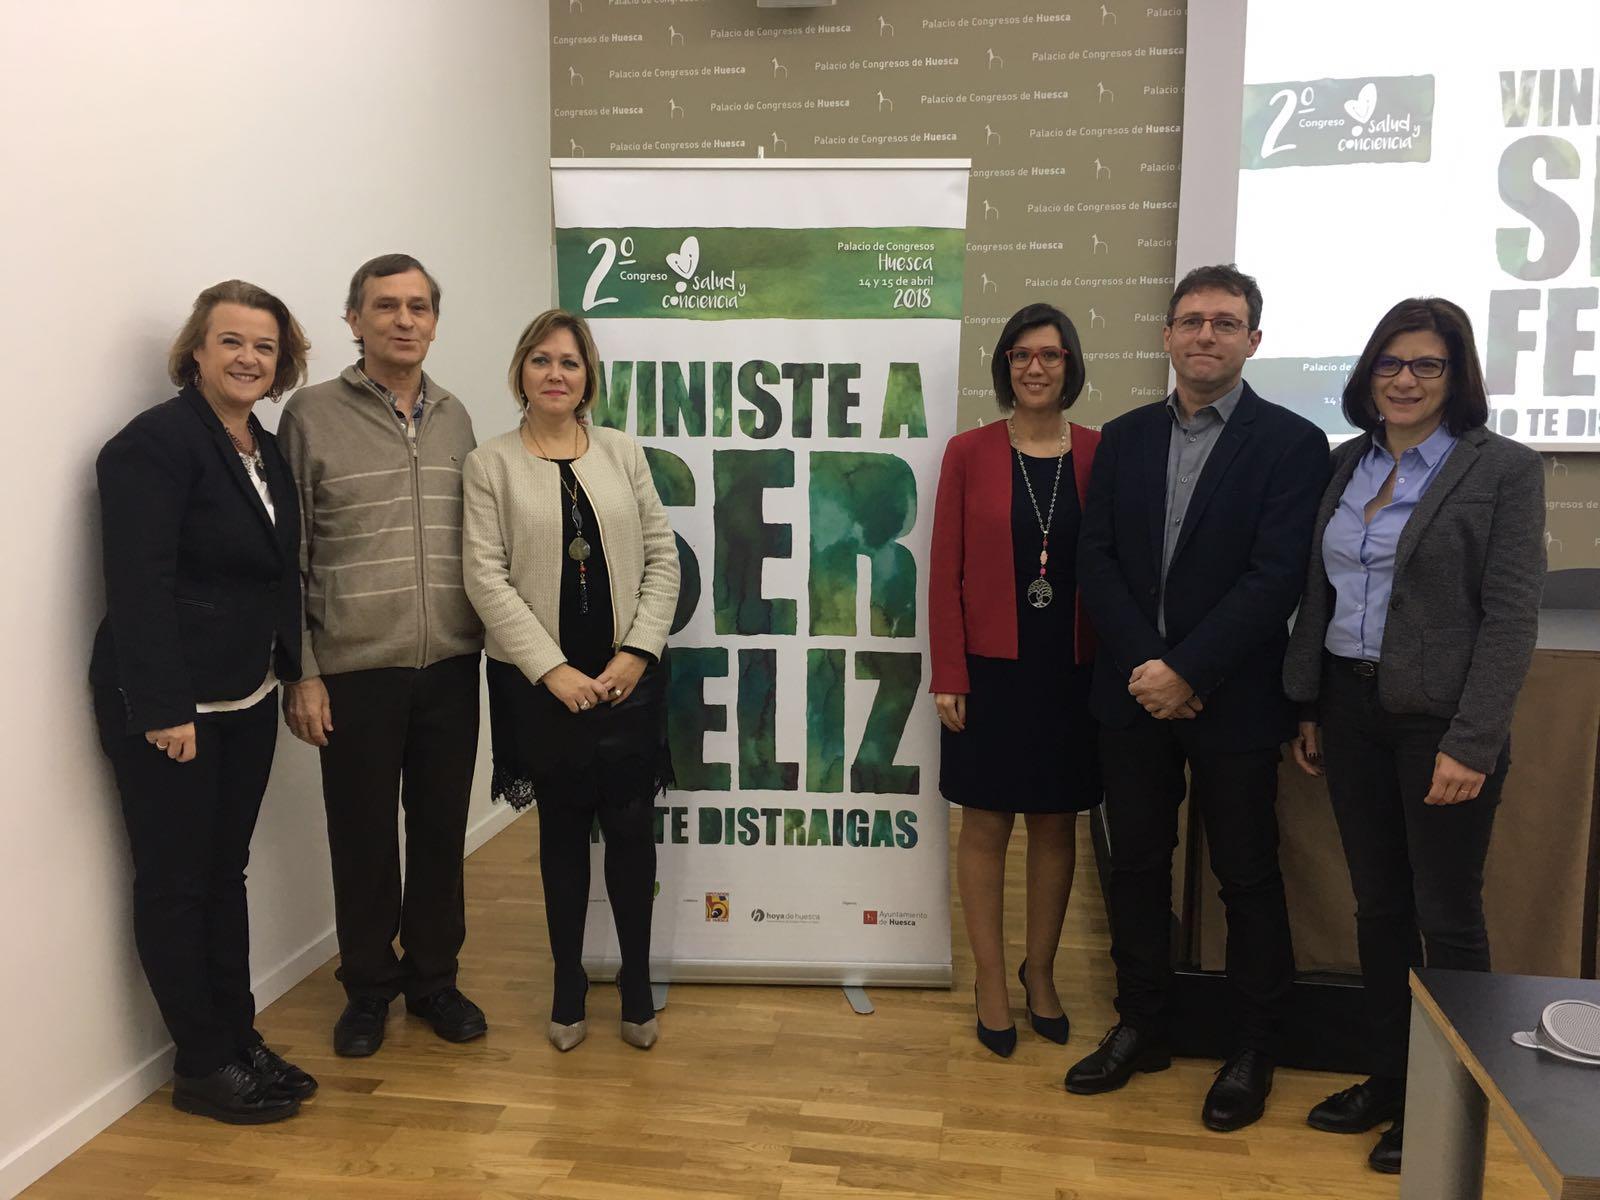 El II Congreso Salud Y Conciencia Reunirá En Huesca A Seis Ponentes De Prestigio Internacional Para Ofrecer Prácticas Que Mejoren El Bienestar Y La Atención Plena Al Momento Presente